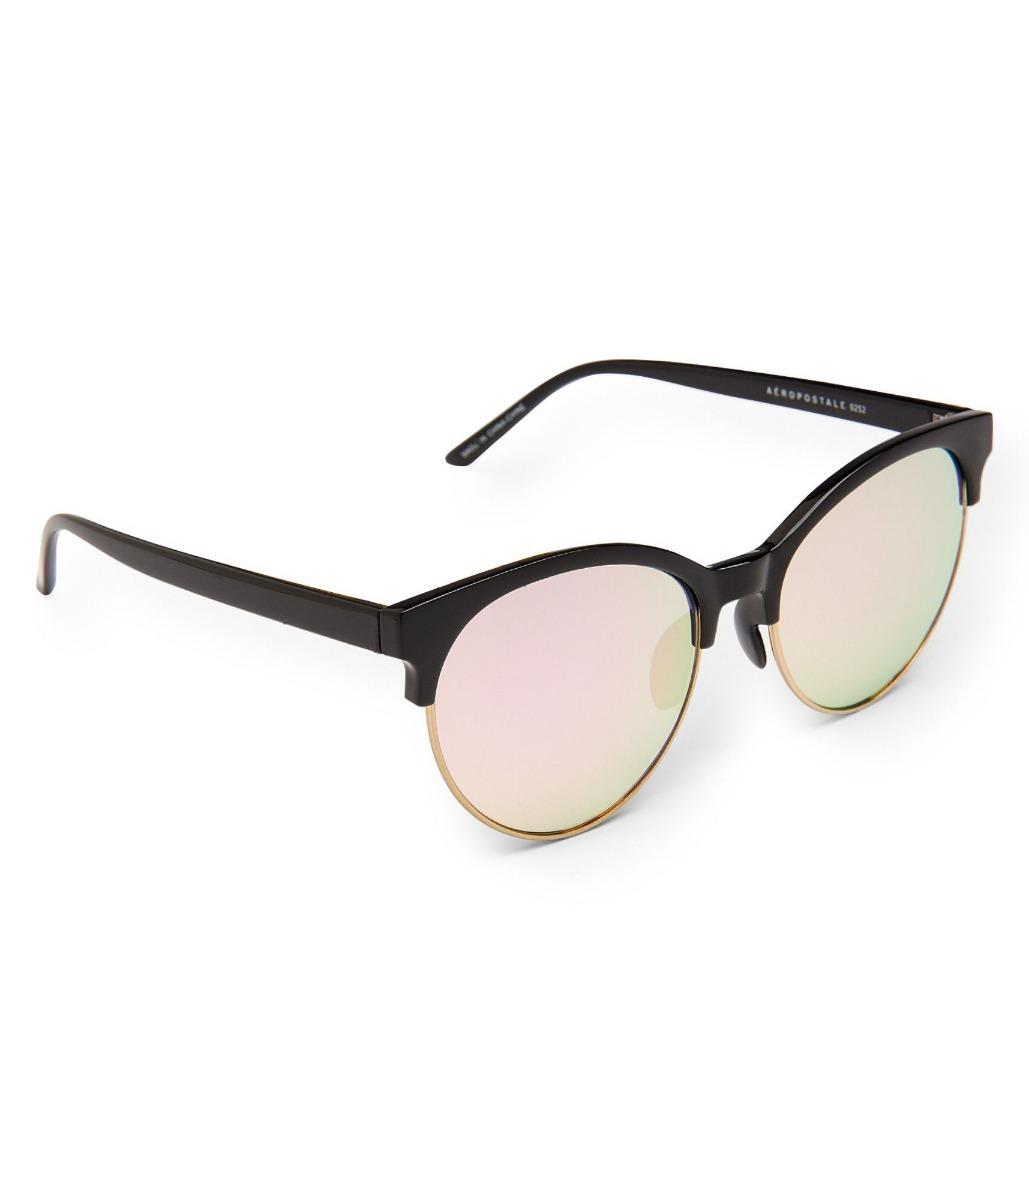 Óculos De Sol Aéropostale Original - Pronta Entrega - R  65,00 em ... d52e42c138